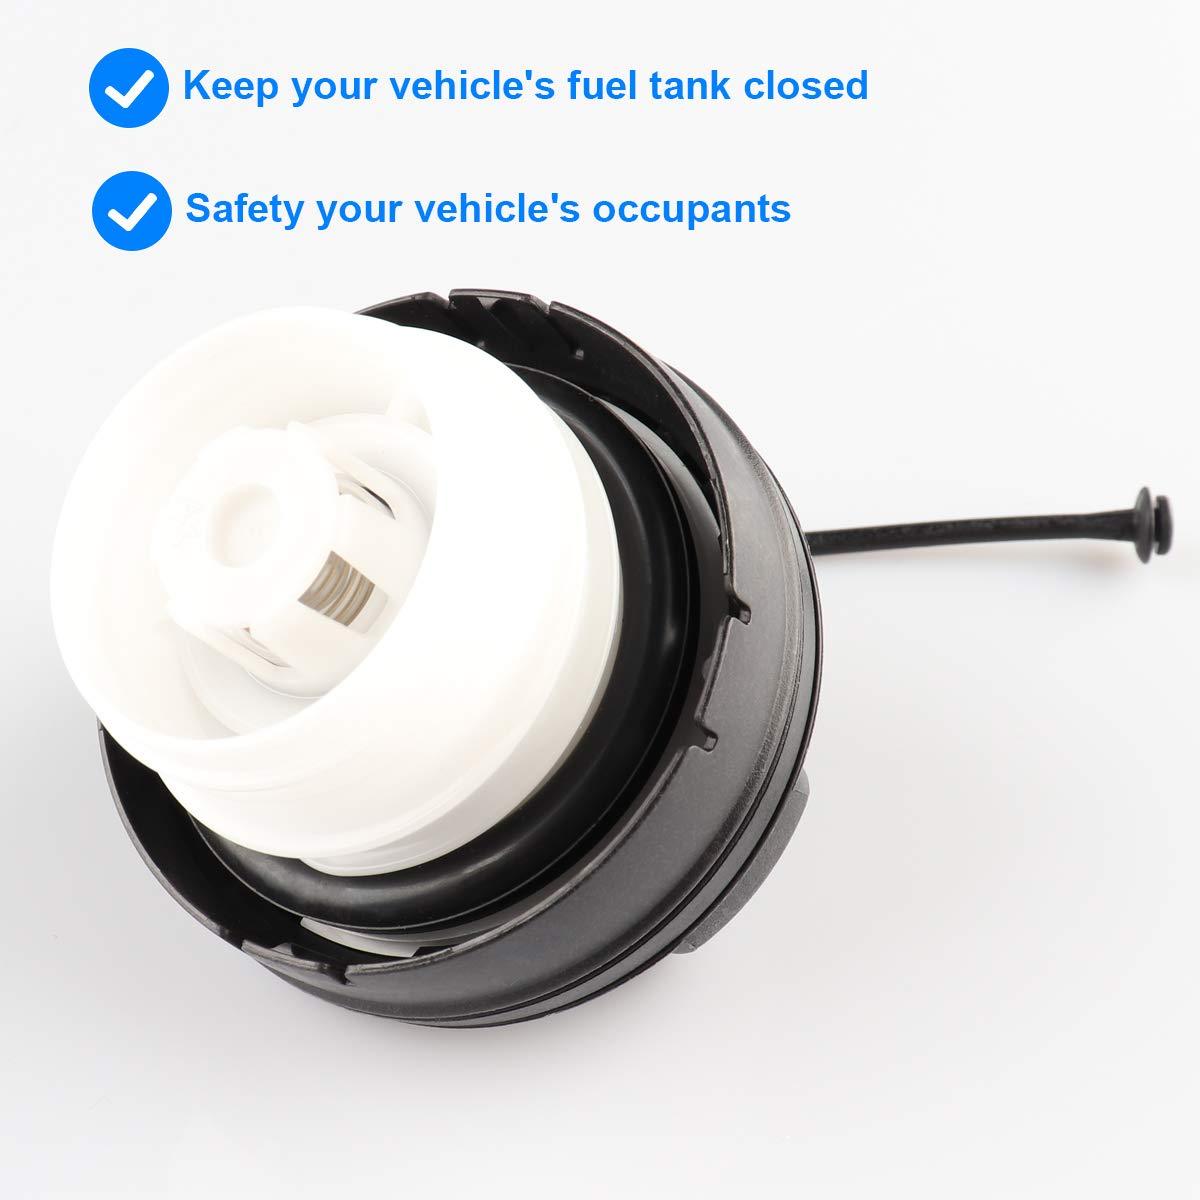 2006-2015 Honda Civic 2007-2016 Honda CR-V Fuel Tank Cap Assembly Replaces# 17670-T3W-A01 Fits 2008-2017 Honda Accord 2011-2017 Honda Odyssey /& more Gas Cap 2009-2013 /& 2015-2017 Honda Fit